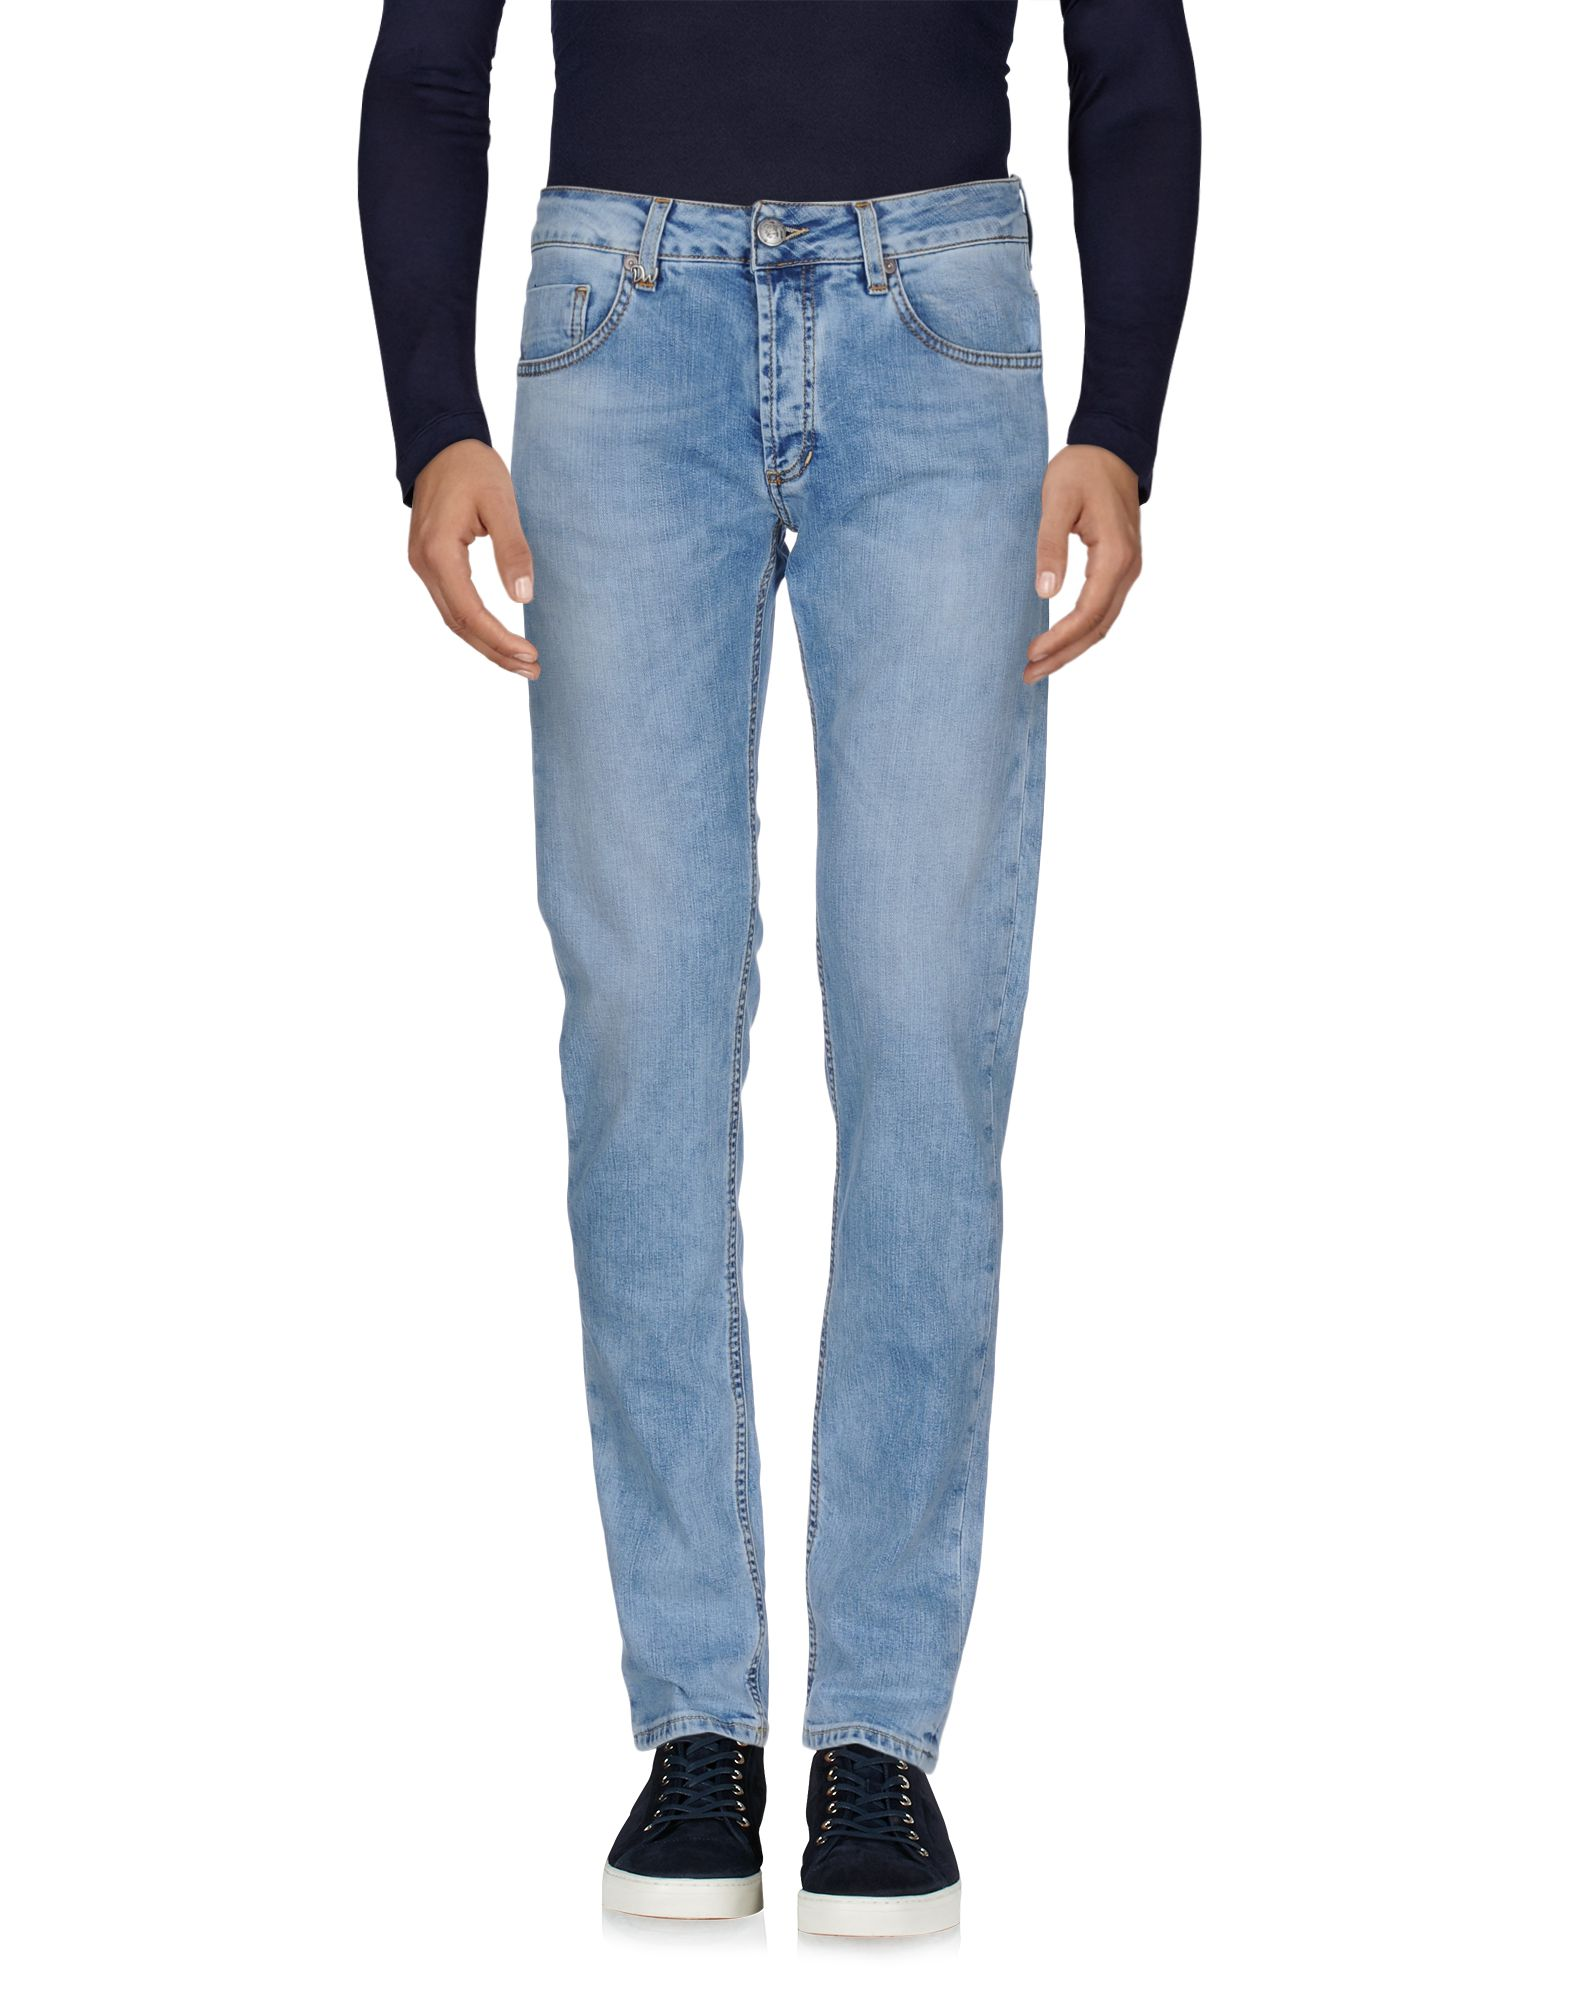 ФОТО dw⁵ джинсовые брюки